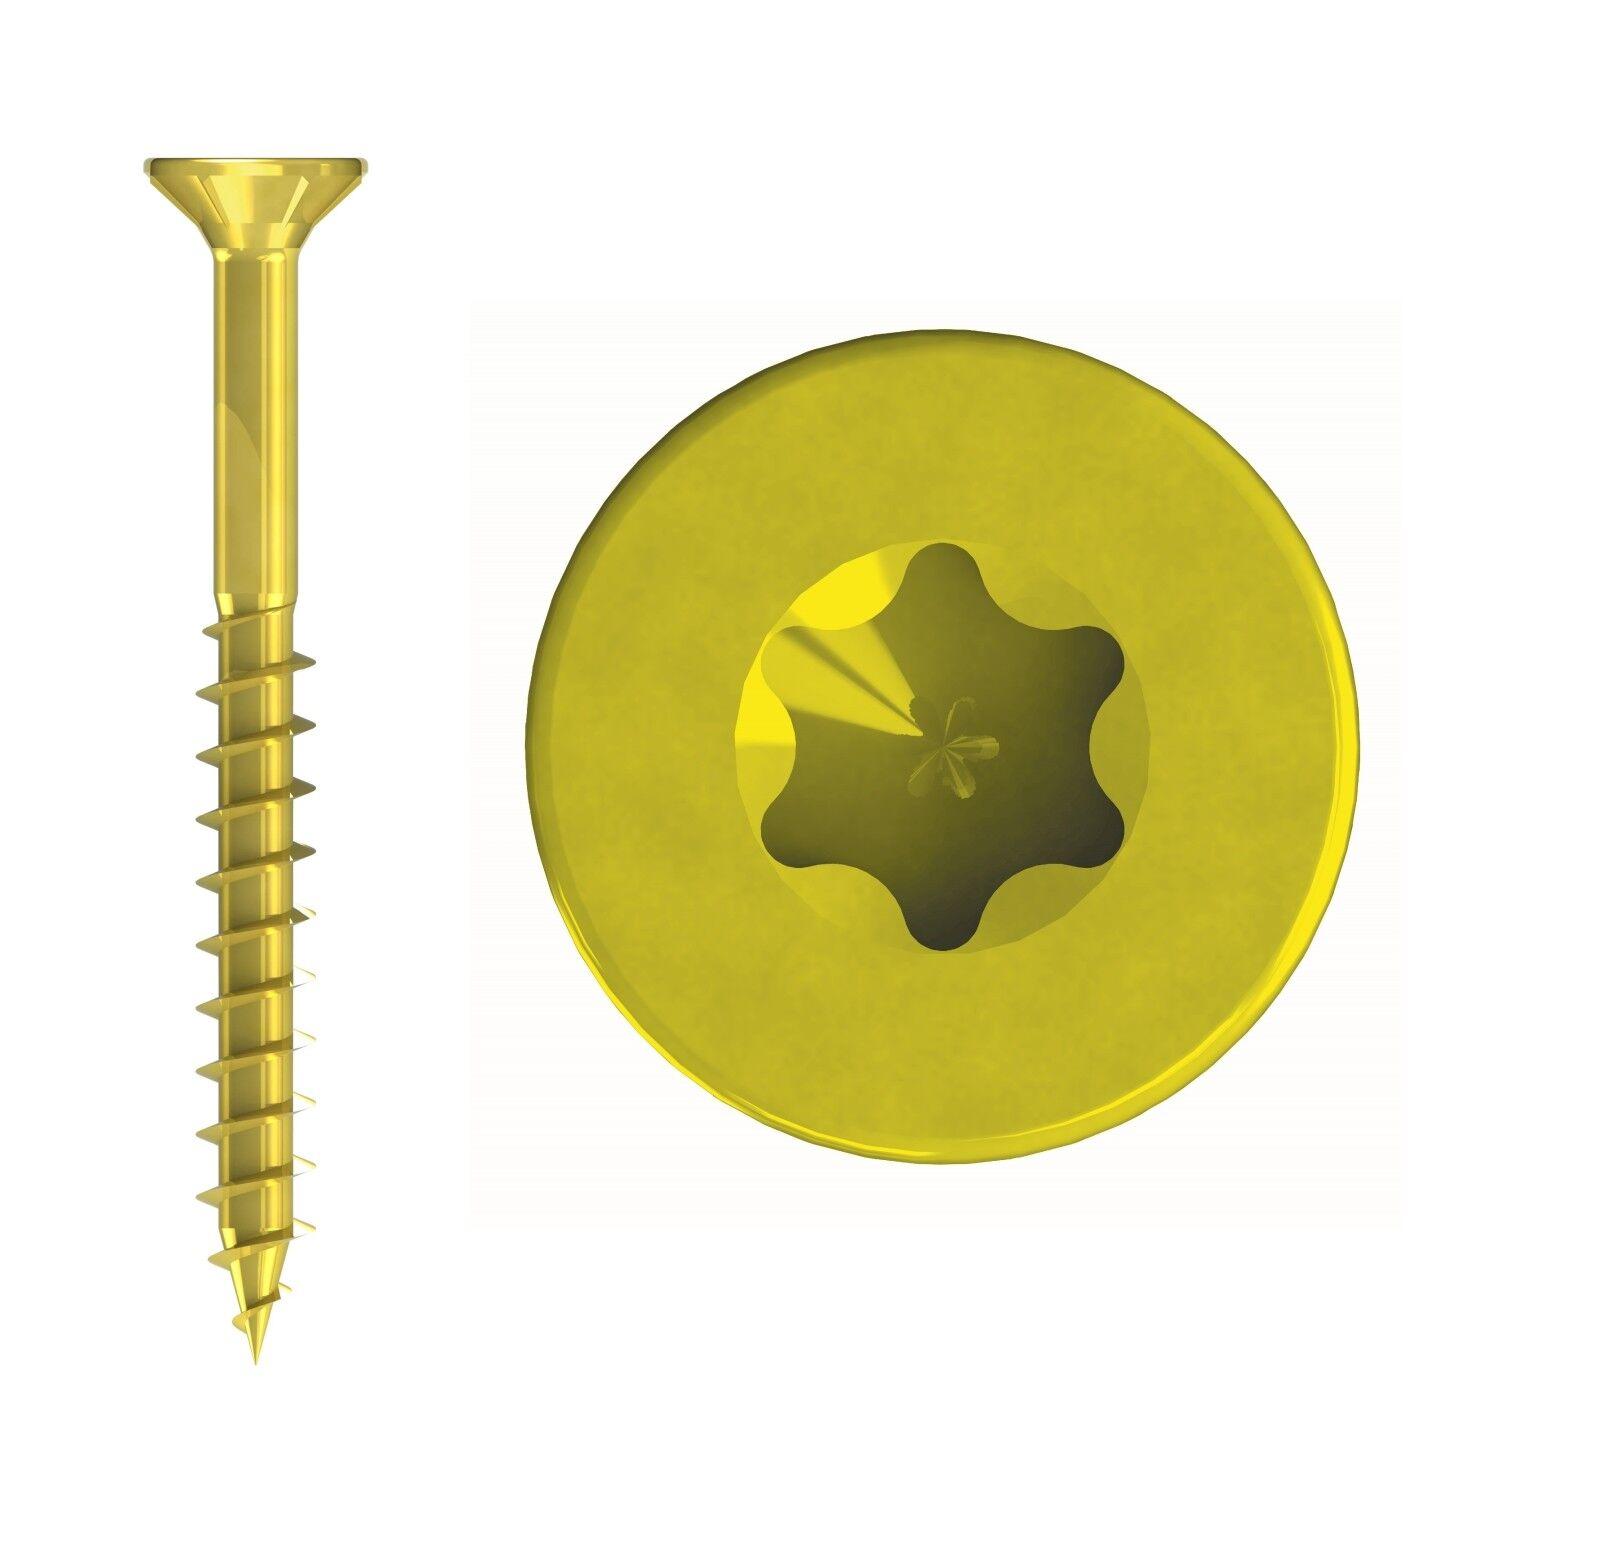 REISSER Holzbauschrauben Q500 Torx TX40 TX40 TX40 Ø 10,0 mm Teilgewinde vz ETA-11/0106 61cd54